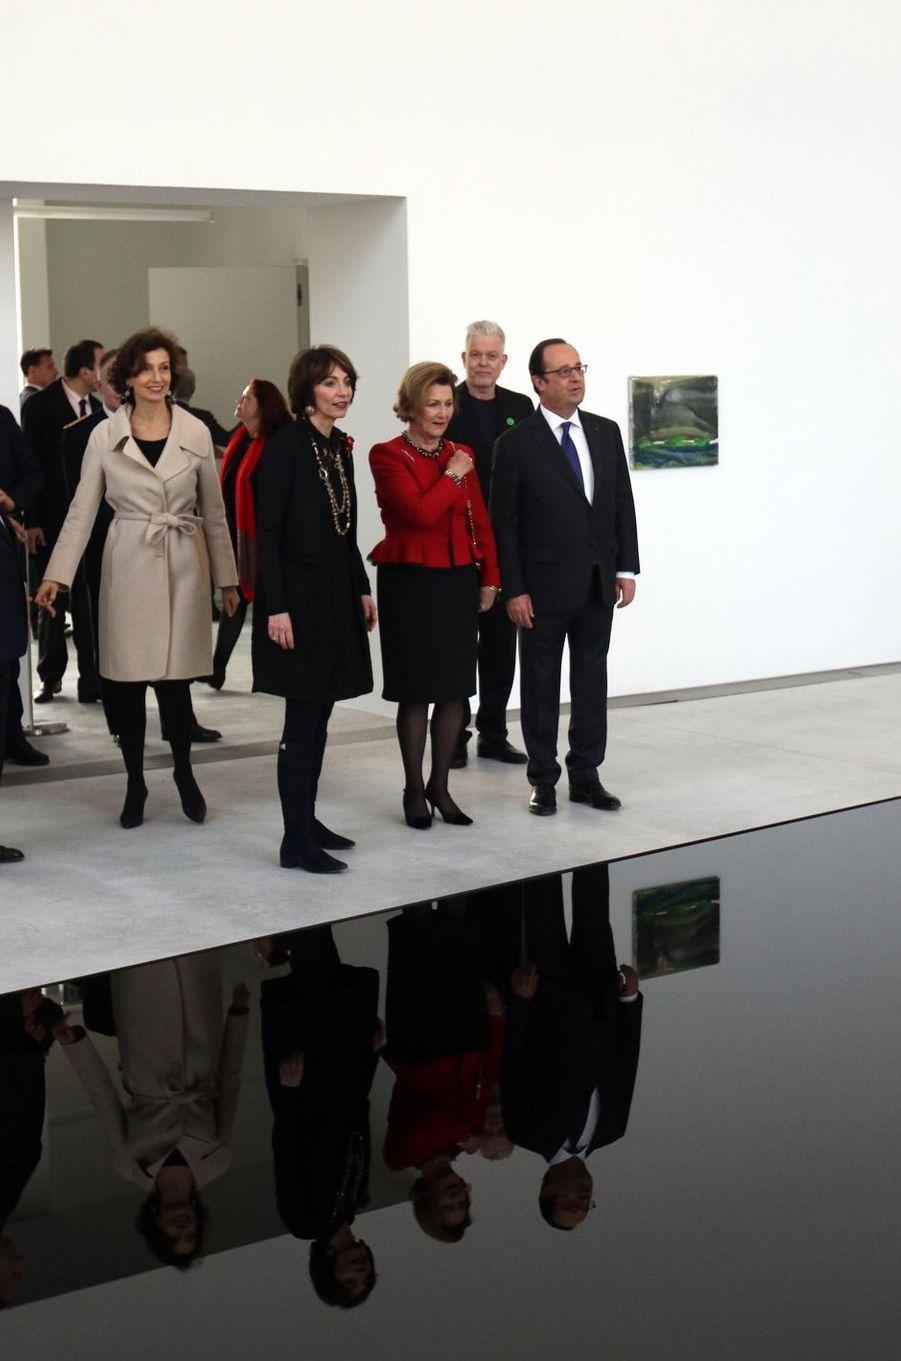 La reine Sonja de Norvège avec François Hollande, Marisol Tourraine et Audrey Azoulay à Tours, le 10 mars 2017